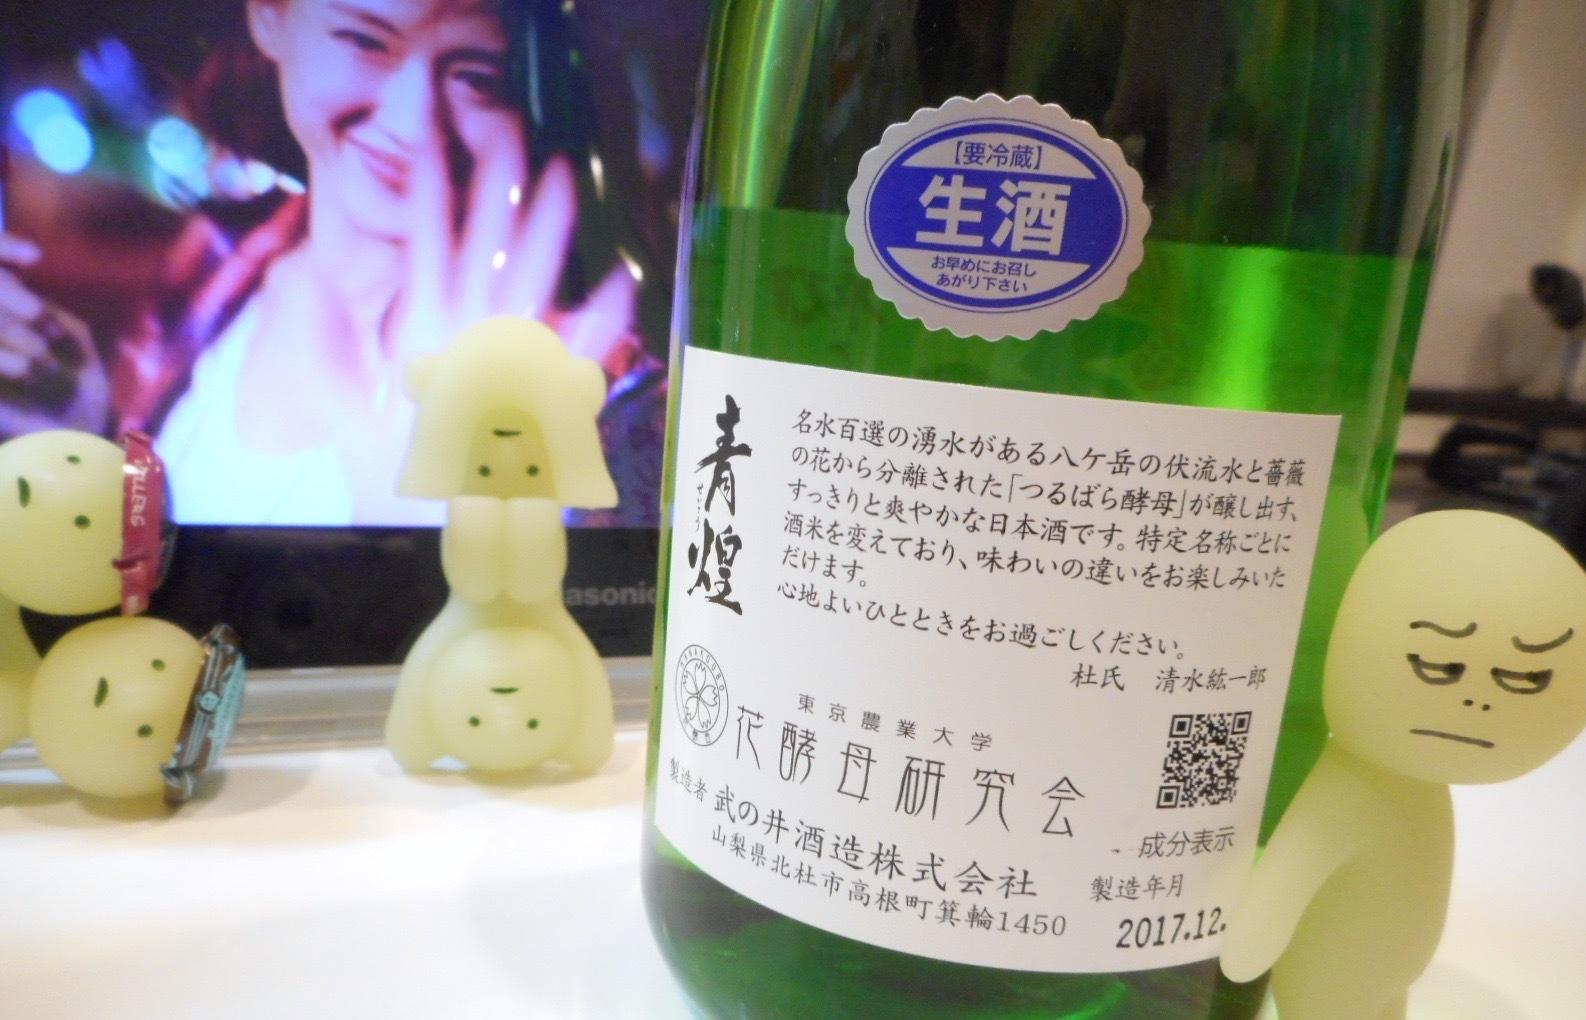 seikou_hatsushibori29by2.jpg